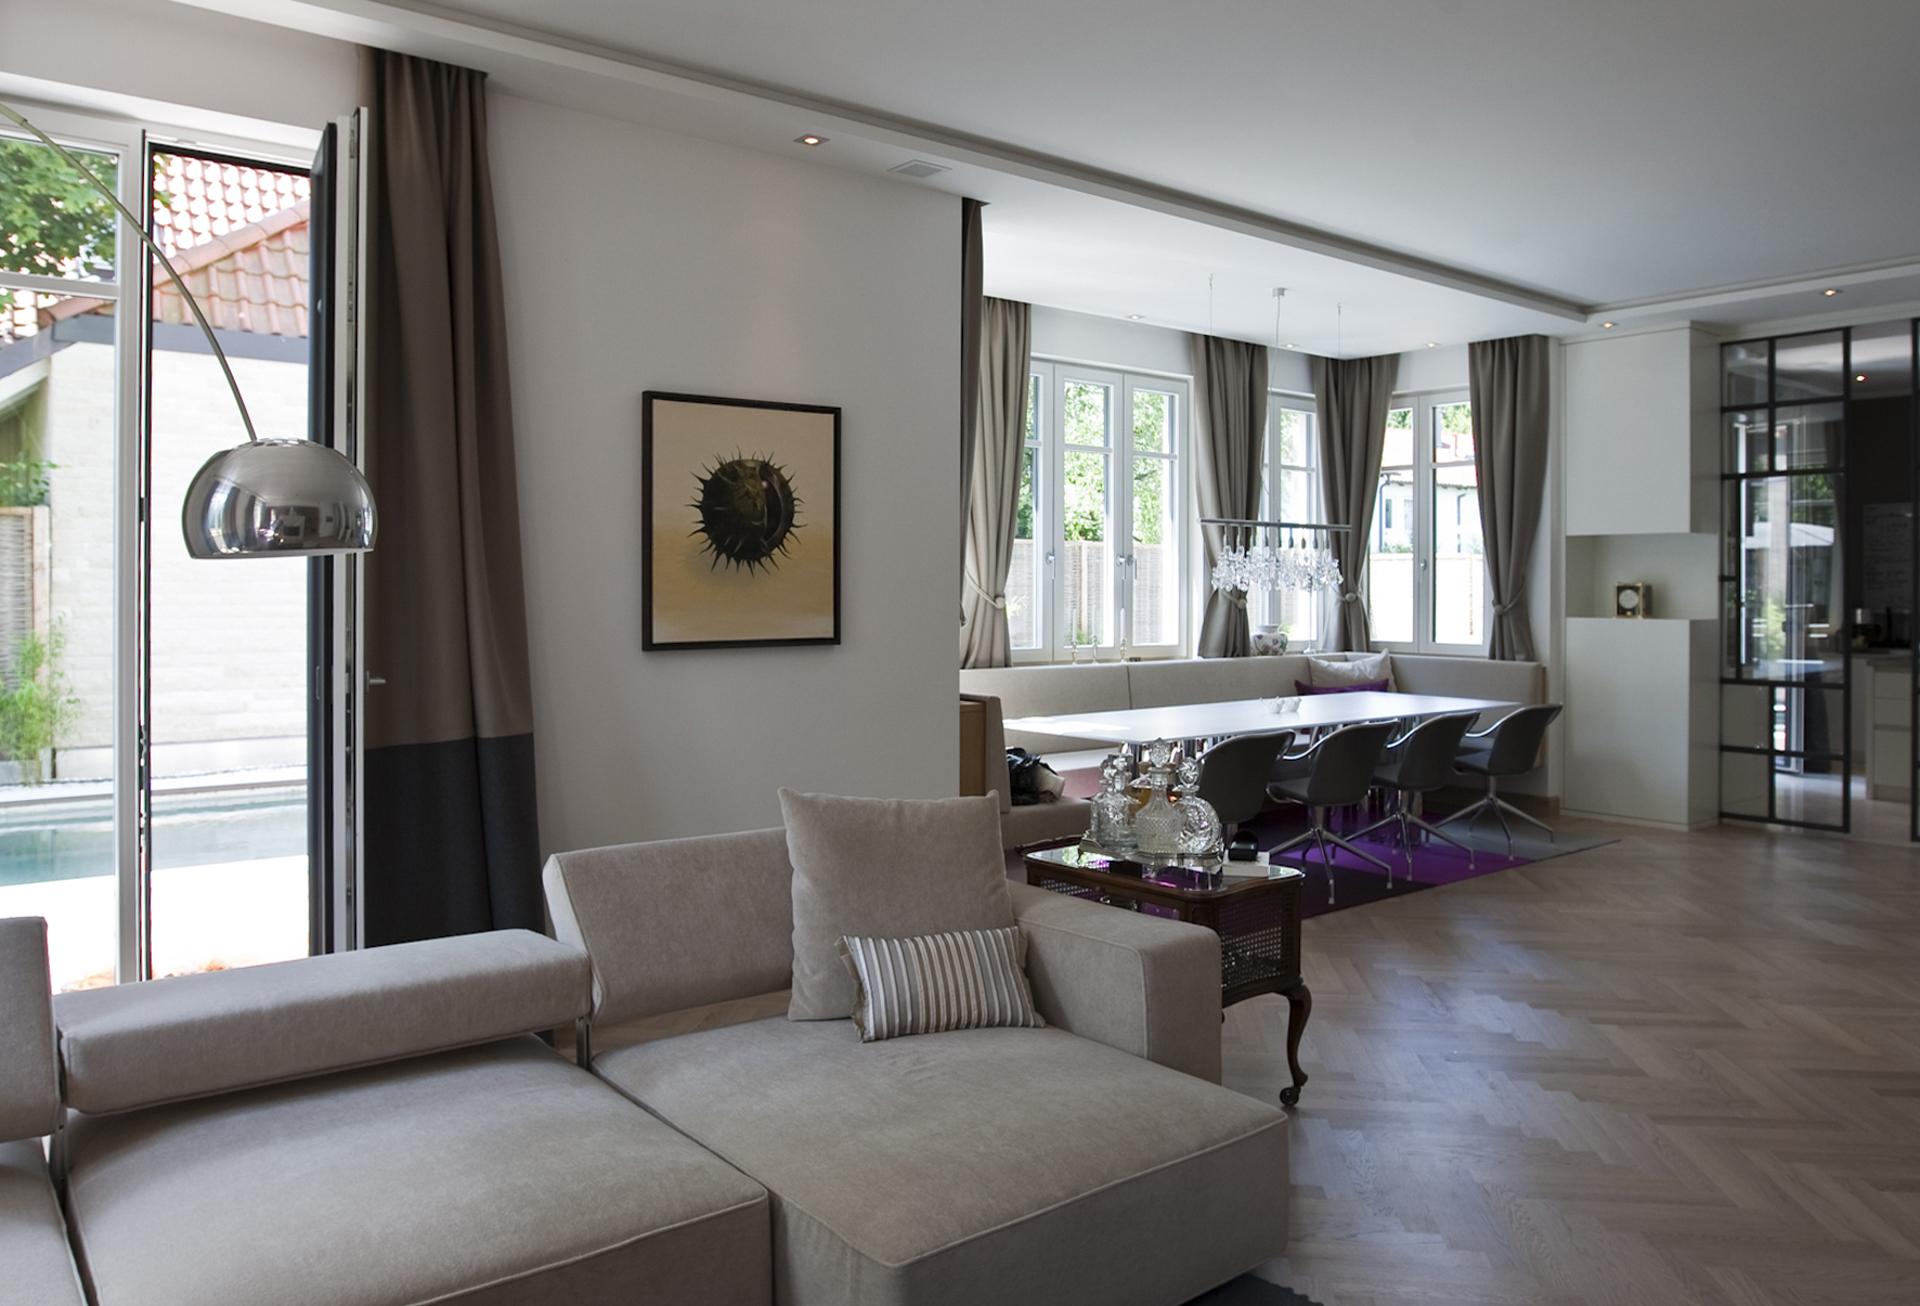 tischlerei-decker-villa-muenchen-wohnzimmer